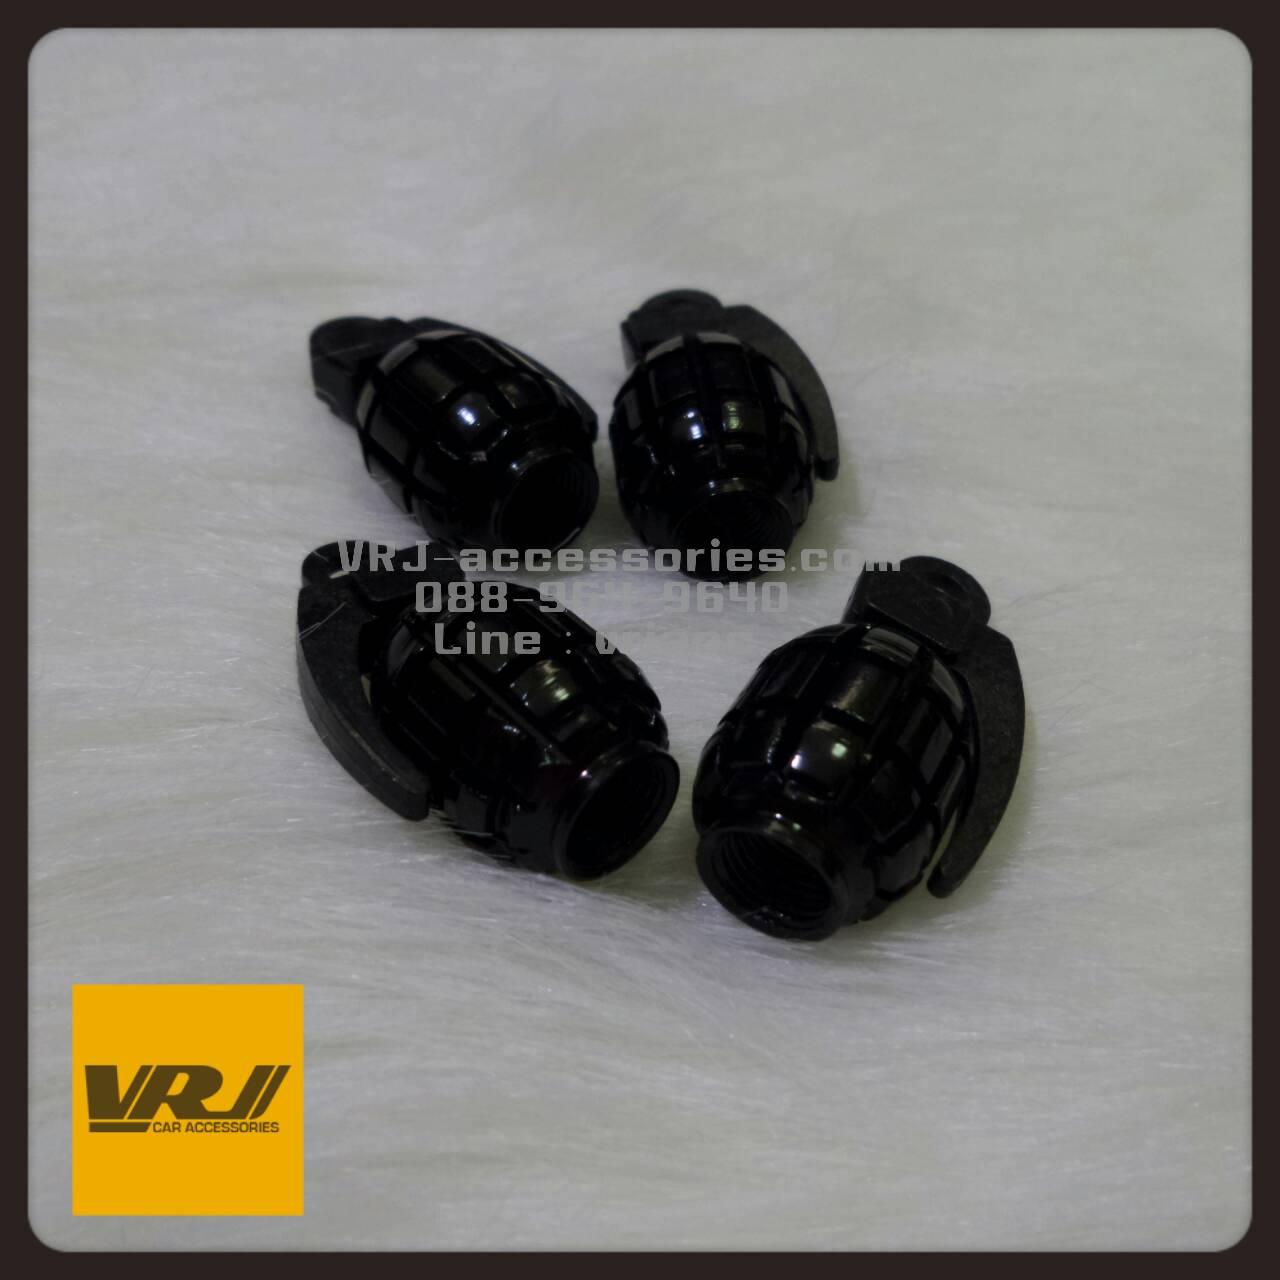 จุกลม ลูกระเบิด น้อยหน่า สีดำ : Car tire valve Stem caps - Grenade Bomb